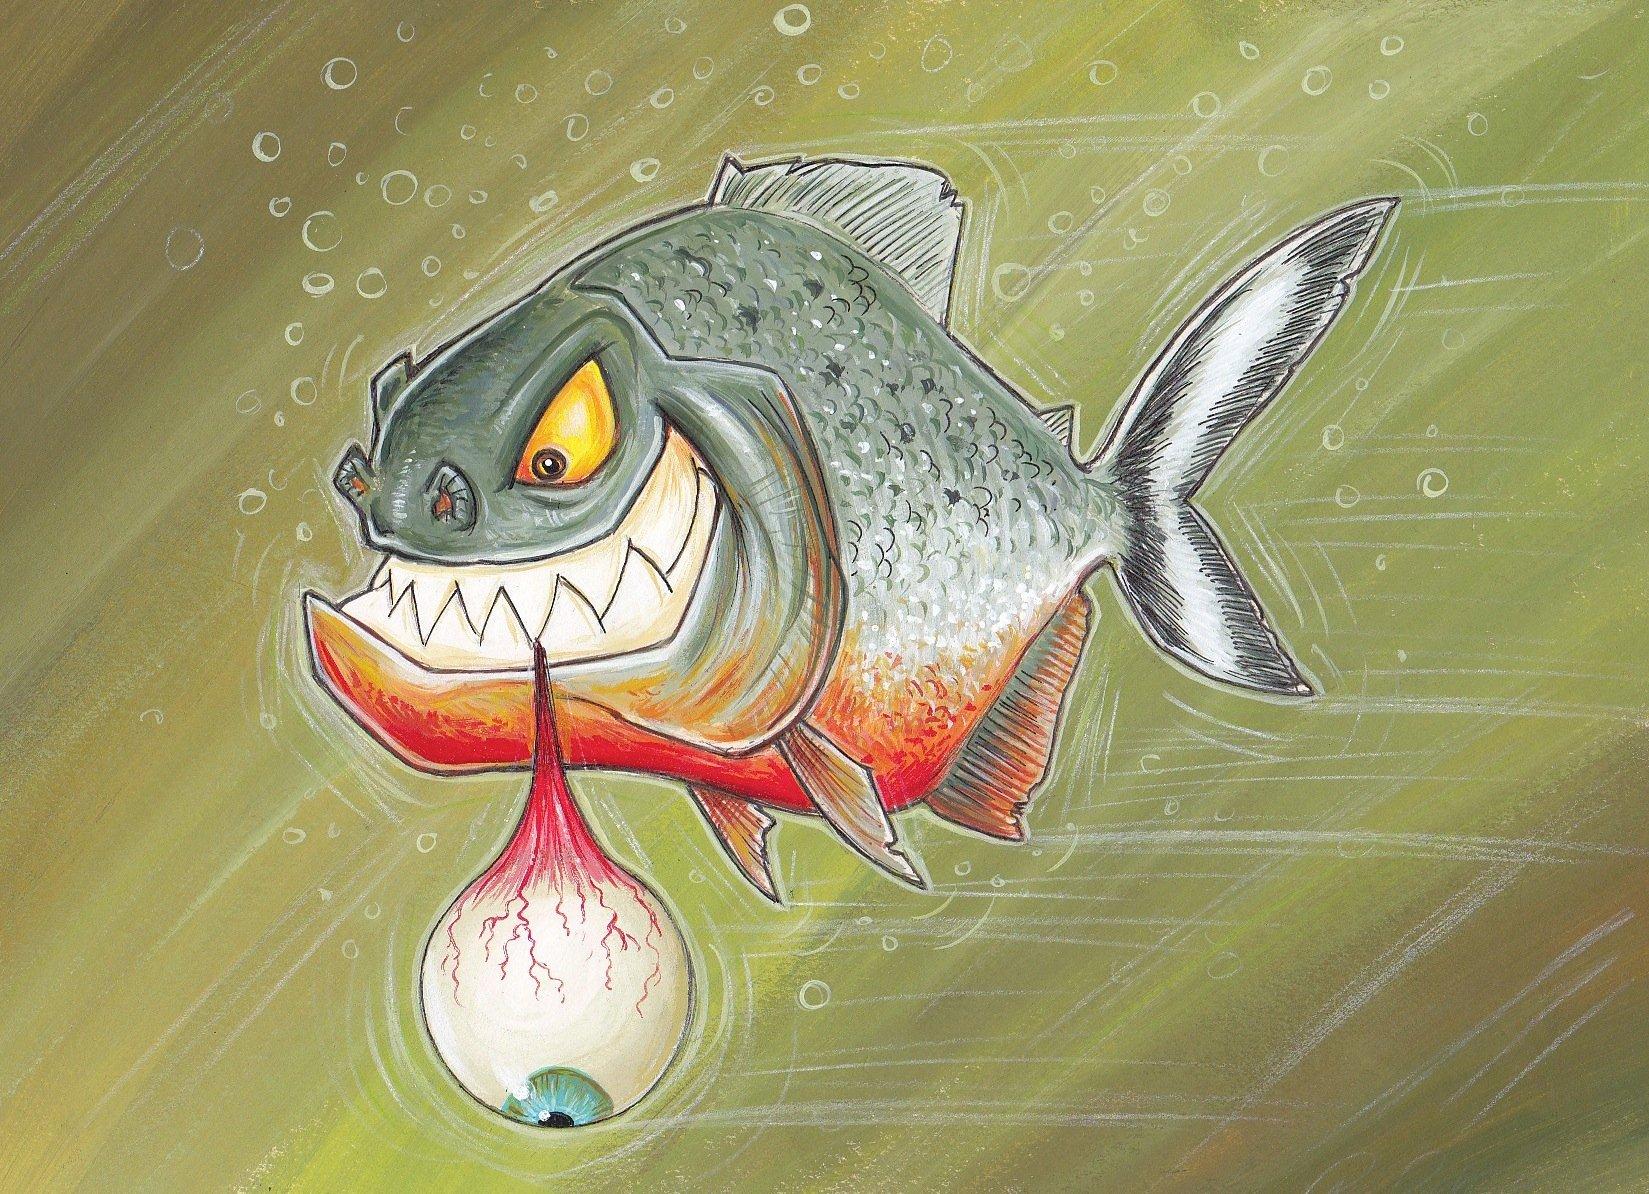 прикольная картинка рыба в виде доктора меня два